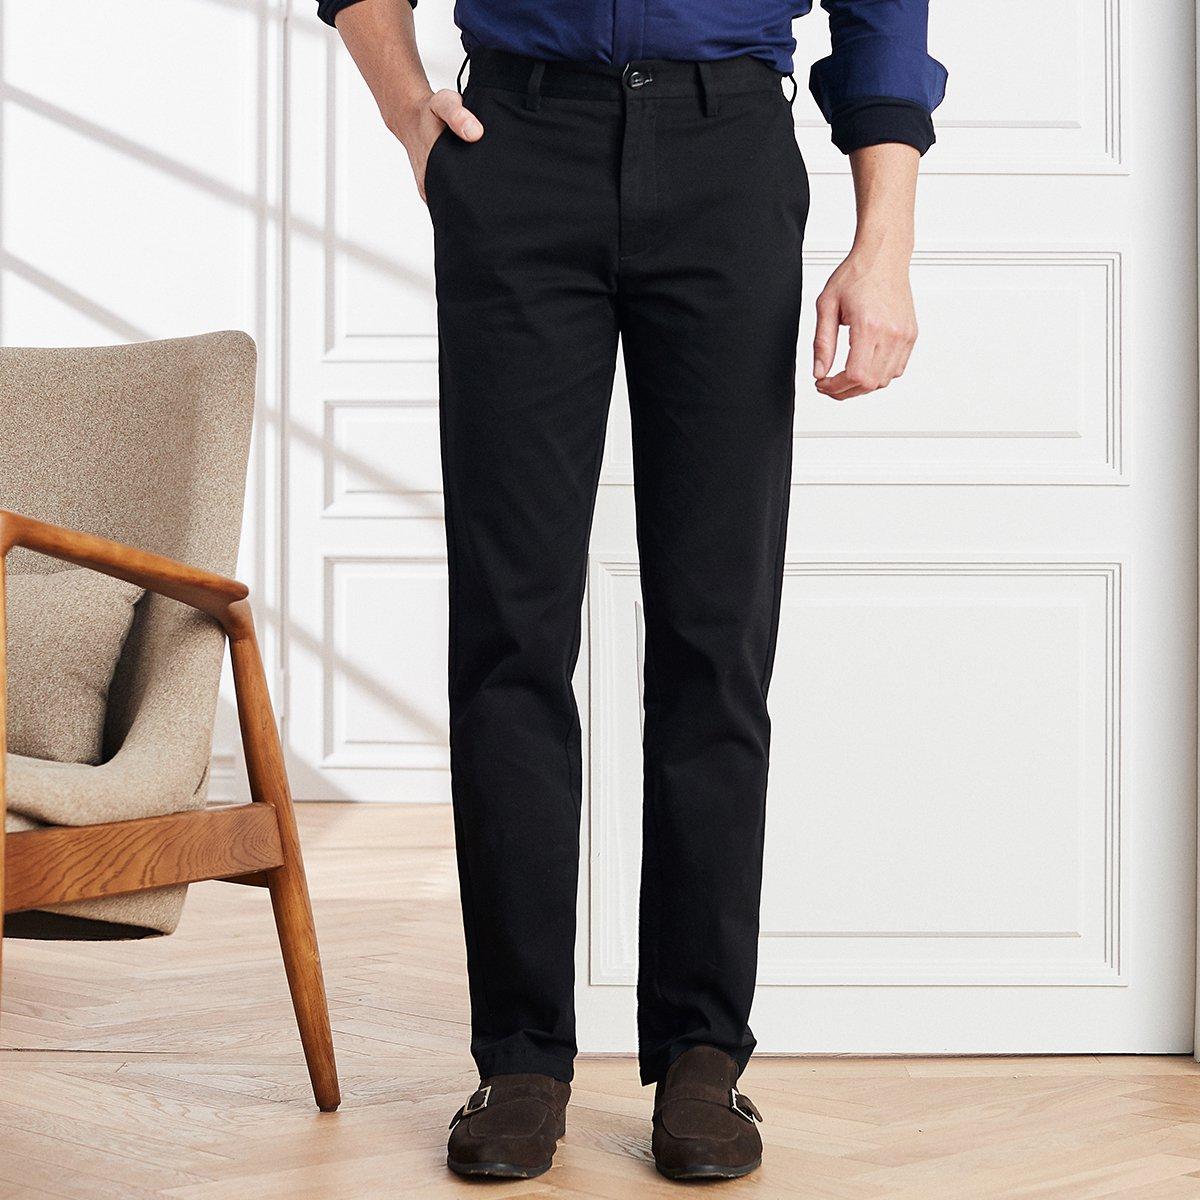 杉杉弹力棉斜纹男款商务休闲直筒长裤男士休闲裤TFK7303217-1